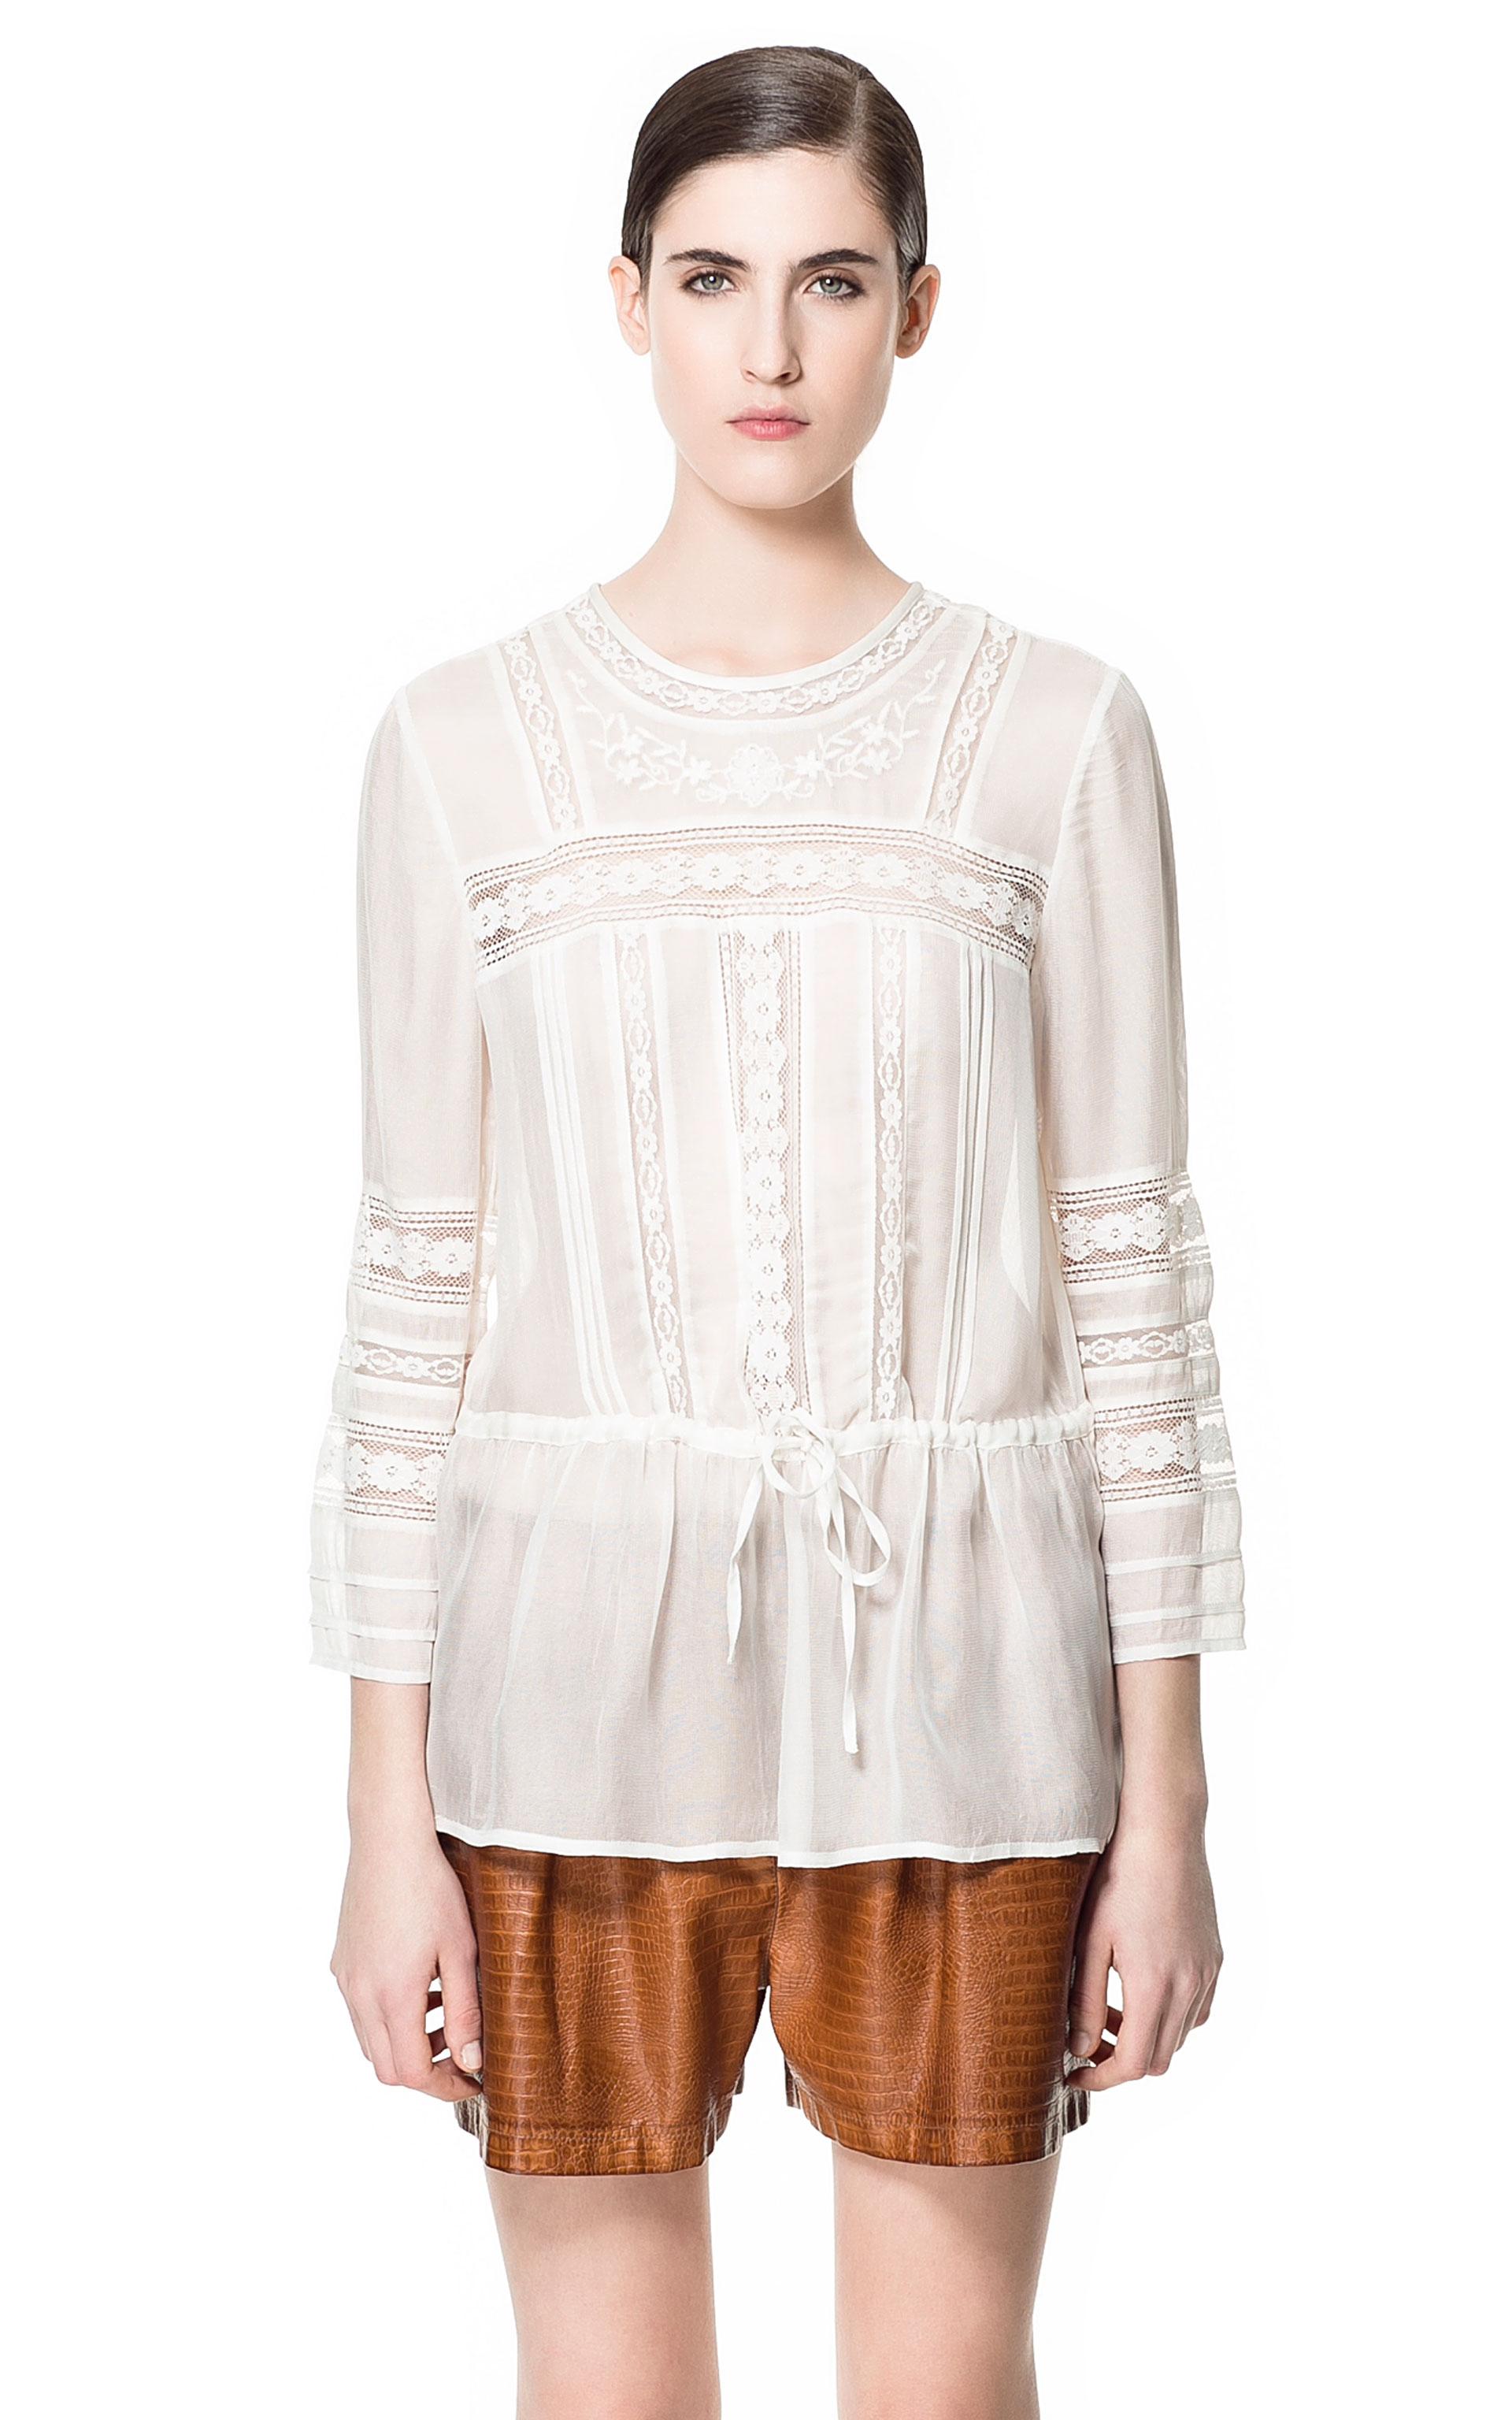 Zara Long Sleeved Blouse 106